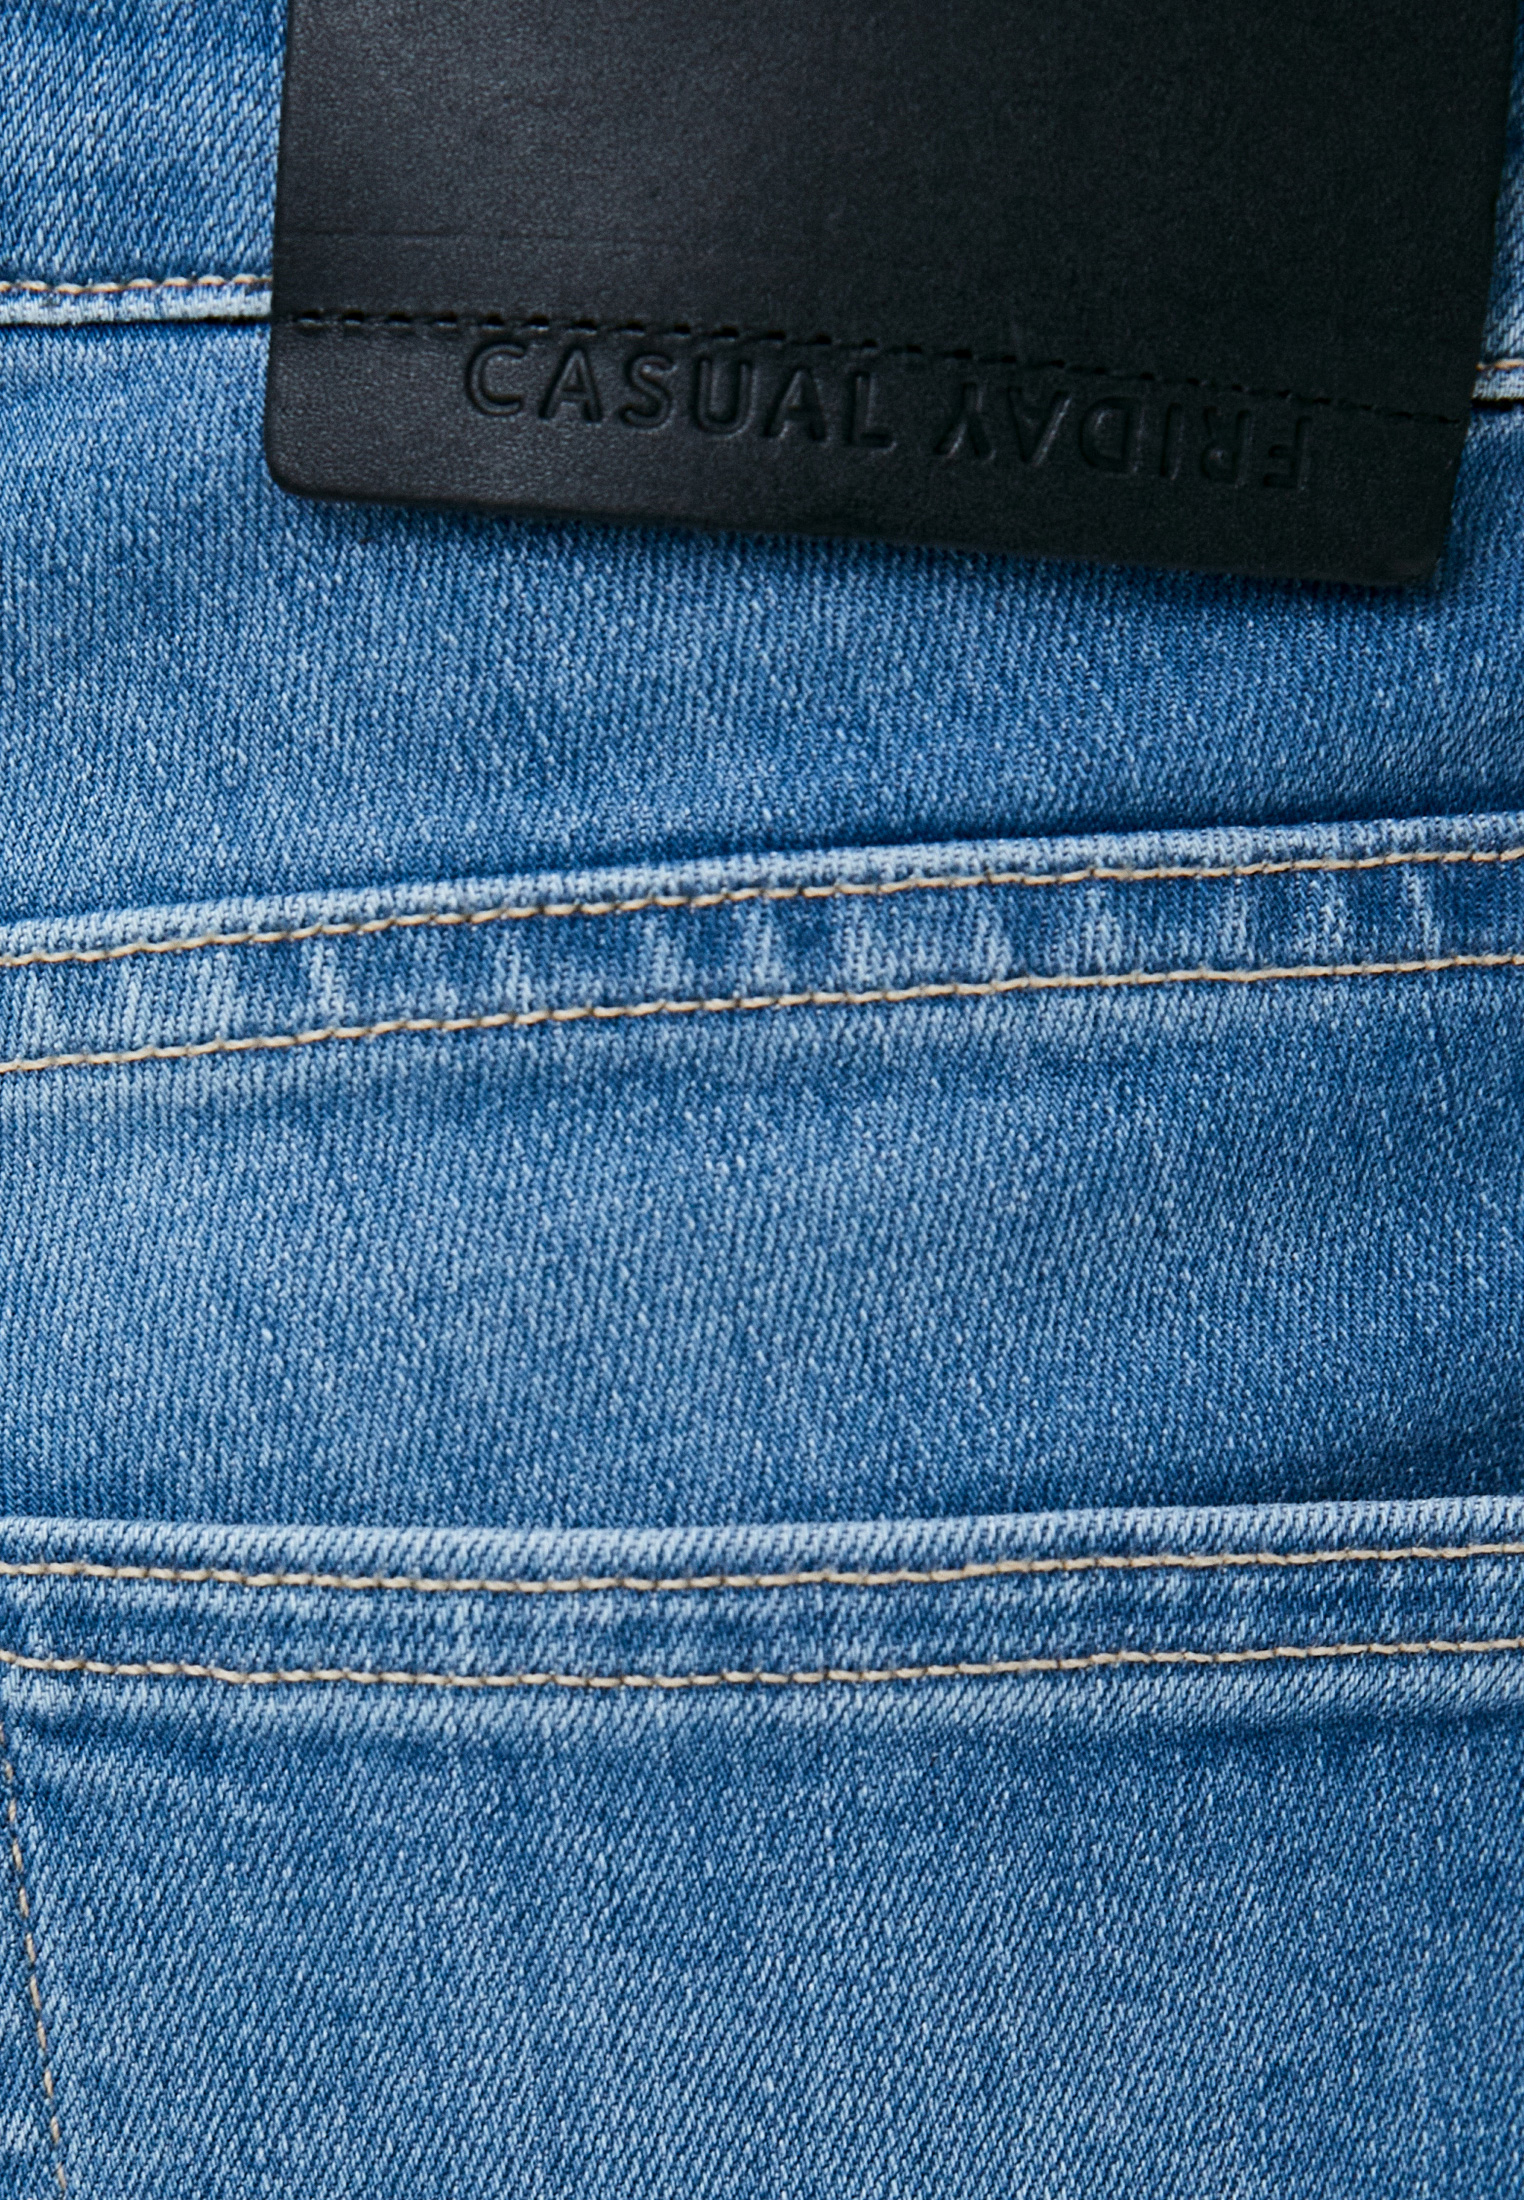 Мужские джинсовые шорты Casual Friday by Blend 20503907: изображение 4